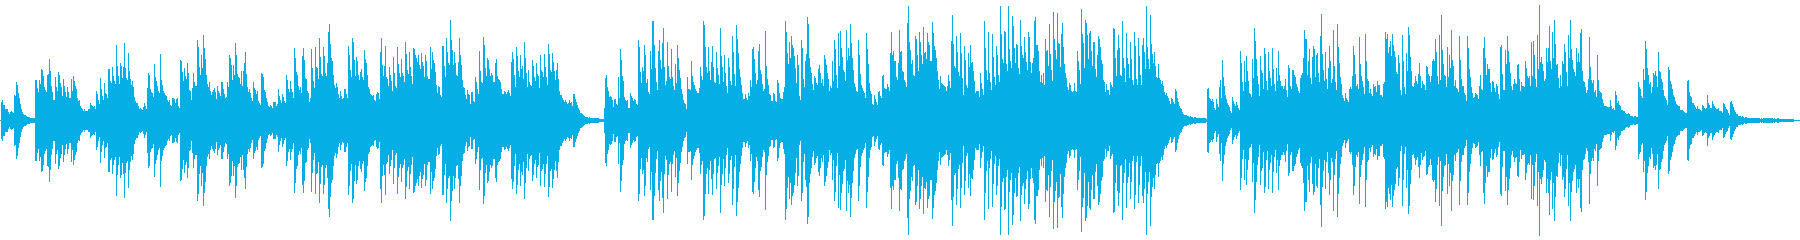 美しく切ない癒しのピアノバラードの再生済みの波形